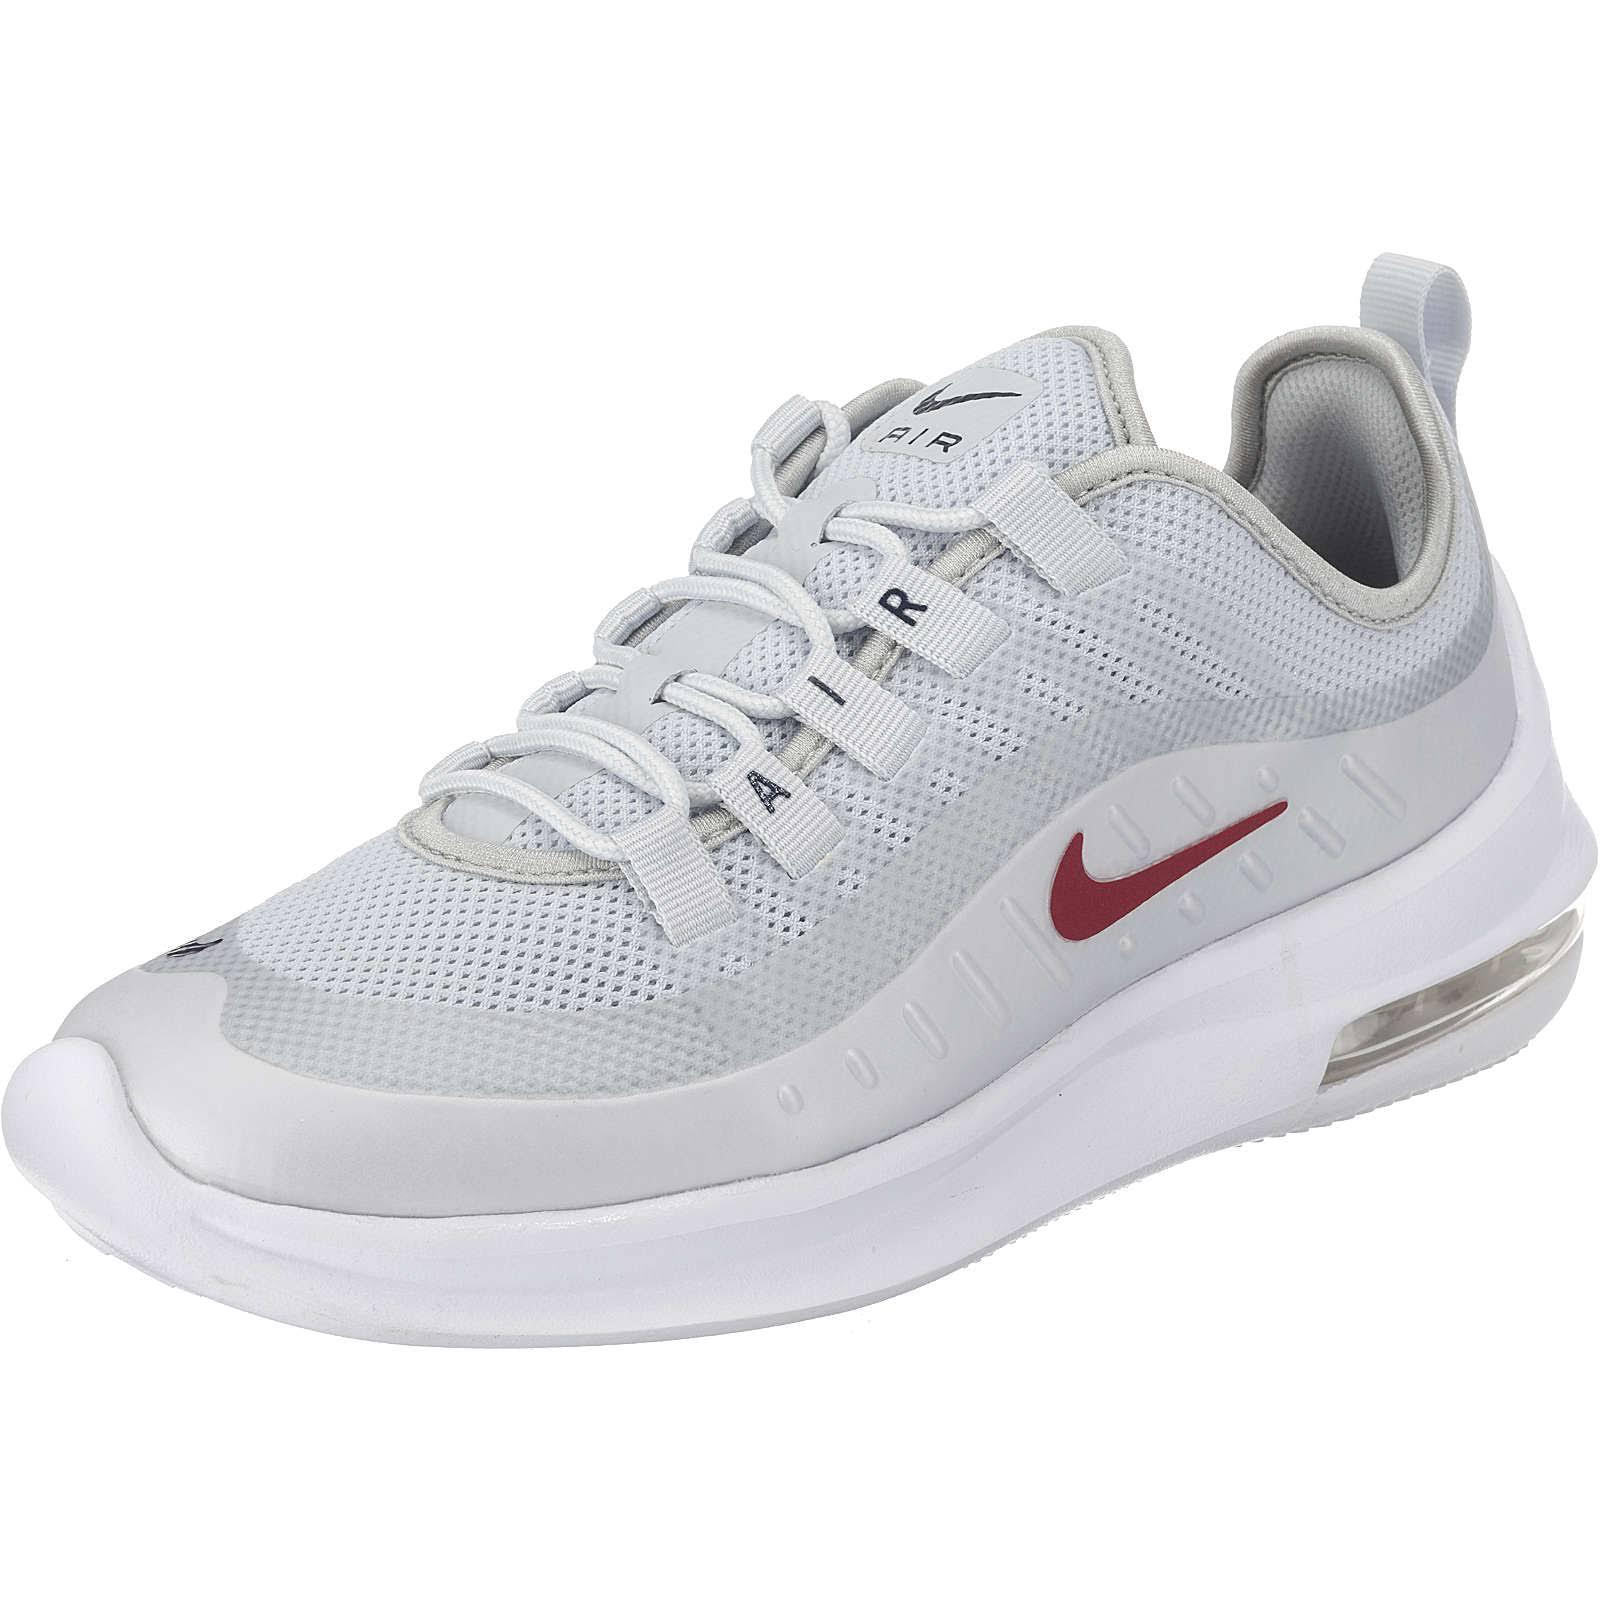 Hellgrau Max Nike »wmns Sportswear rot Air rot Hellgrau 36 Axis« Sneaker 1TqtzxT